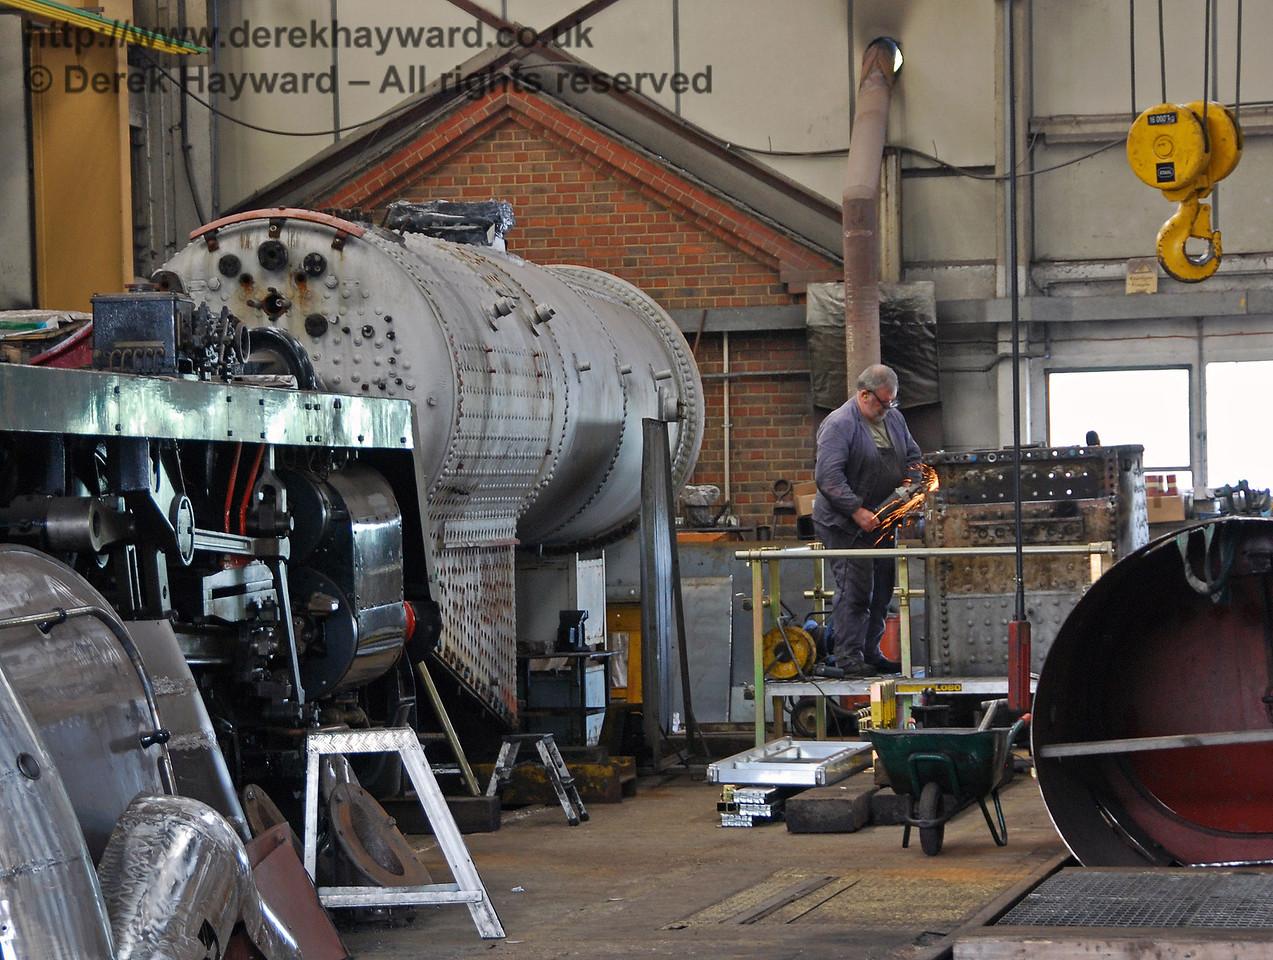 The boiler from 847 inside Sheffield Park Workshops. 08.06.2008